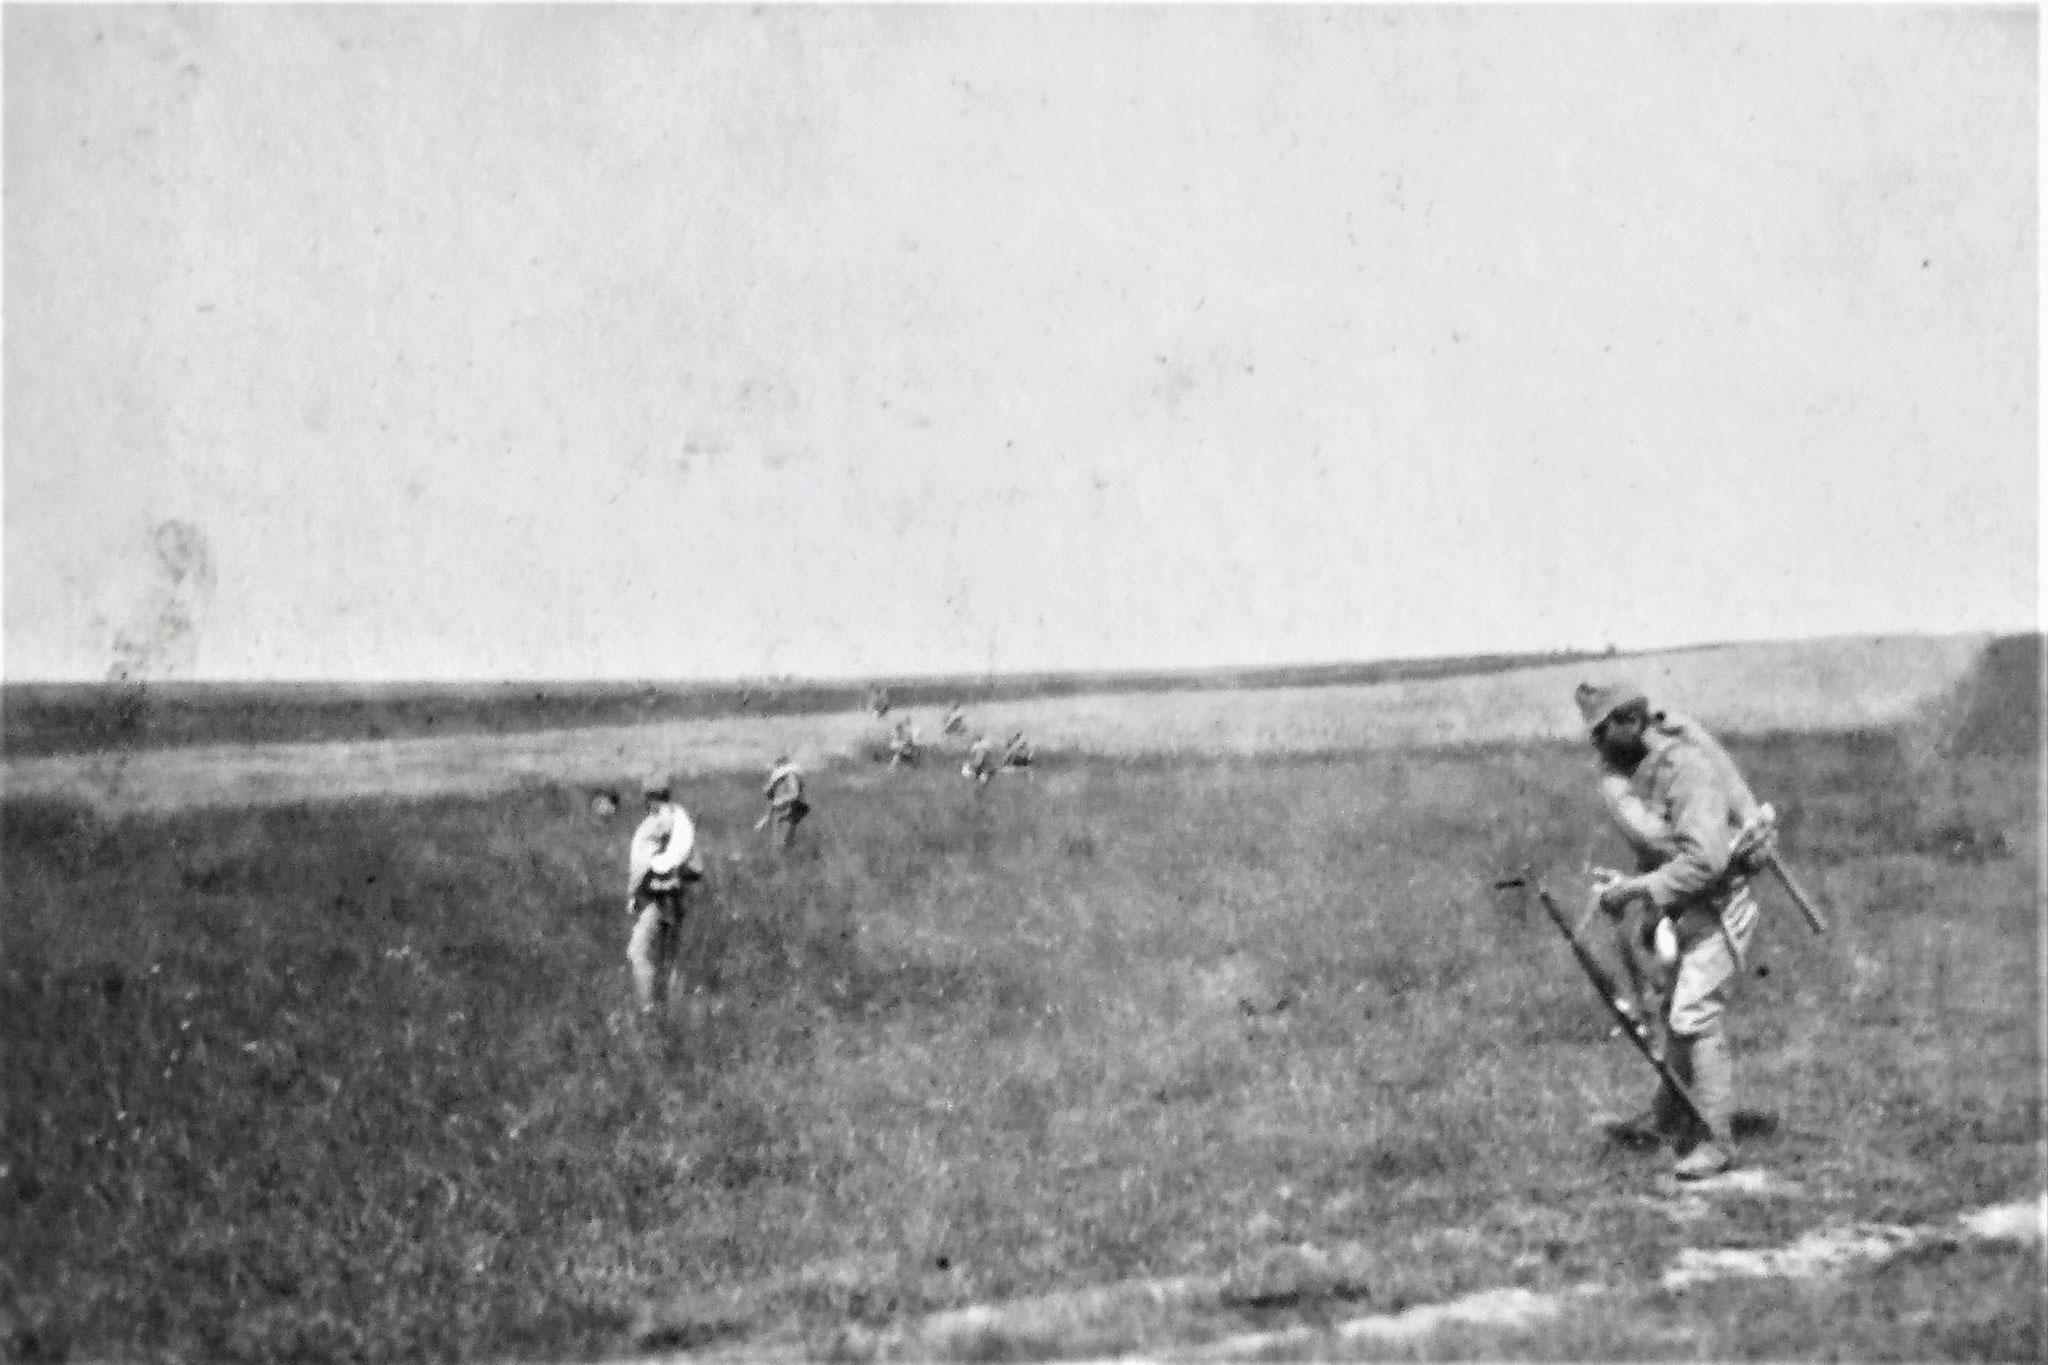 Vorrückung am 3./7. nachm. von Gruszka gegen die Kreuzhöhe 307 nördlich Puzniki.